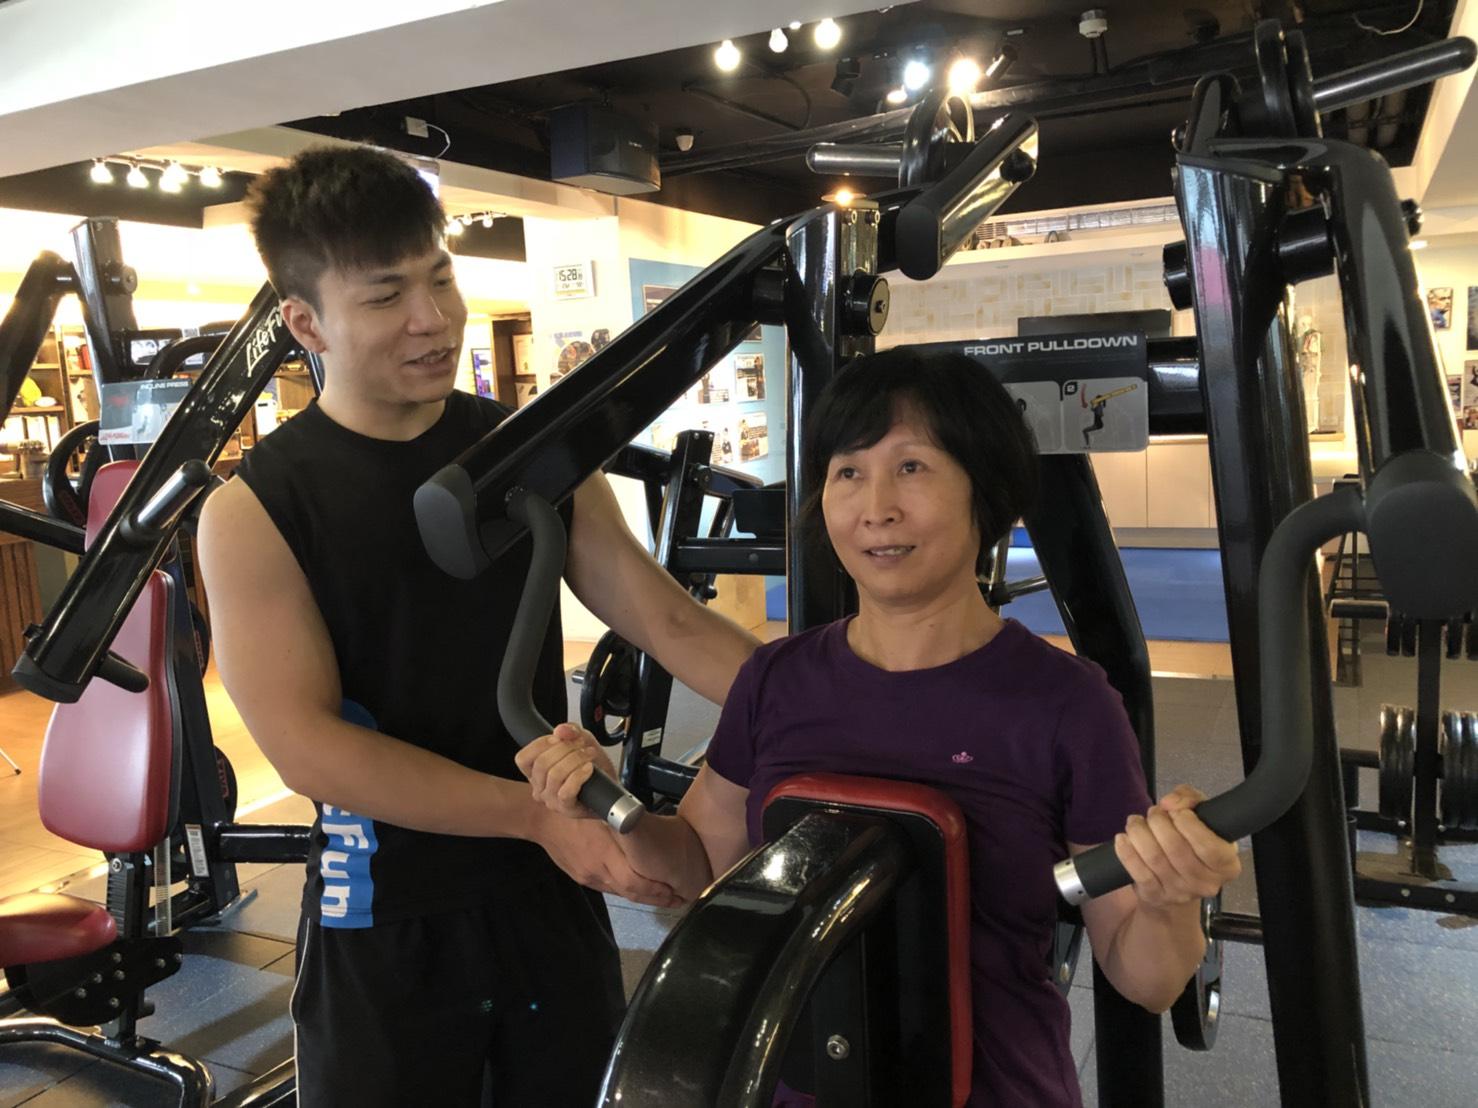 健身房課程教練協助小英操作器材